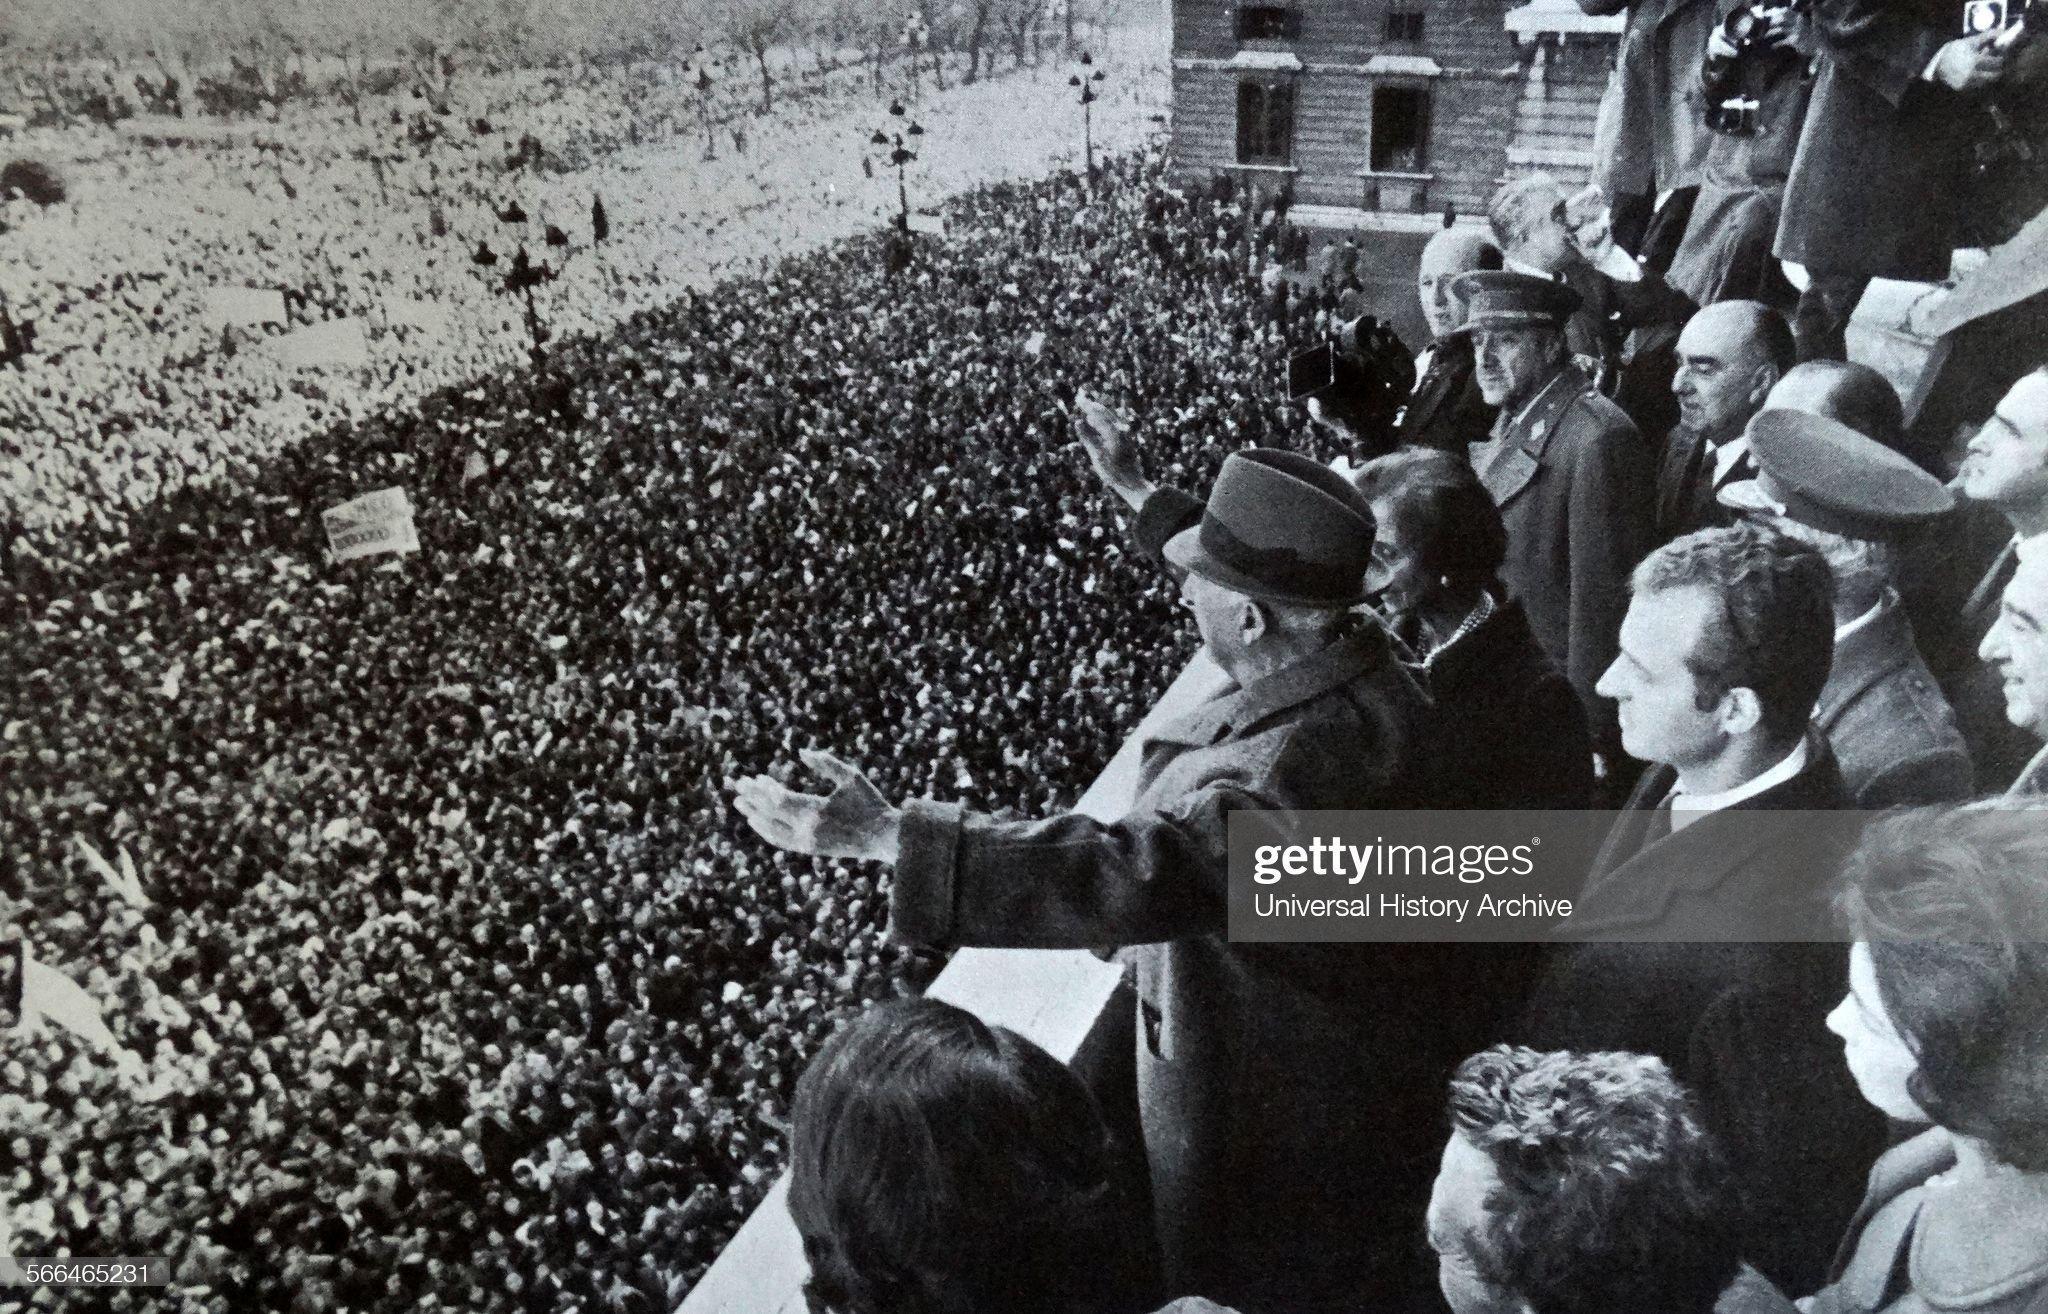 Francisco Franco, Carmen Polo and Juan Carlos. : Fotografía de noticias